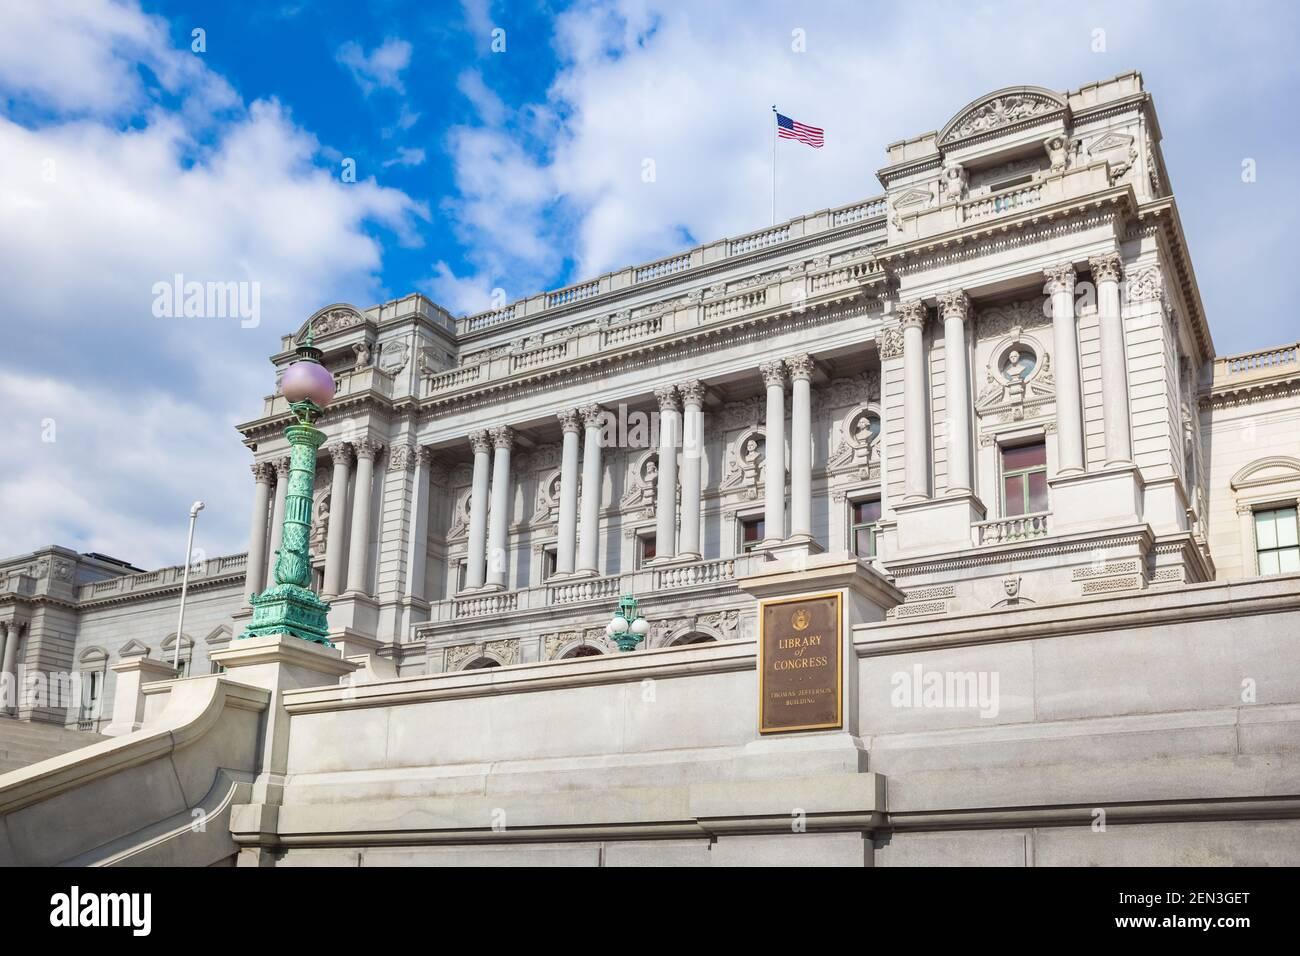 Außenansicht des Thomas Jefferson Building der Library of Congress auf dem Capitol Hill in Washington, DC. Kunstvolles Gebäude in Beaux-Arts Stockfoto